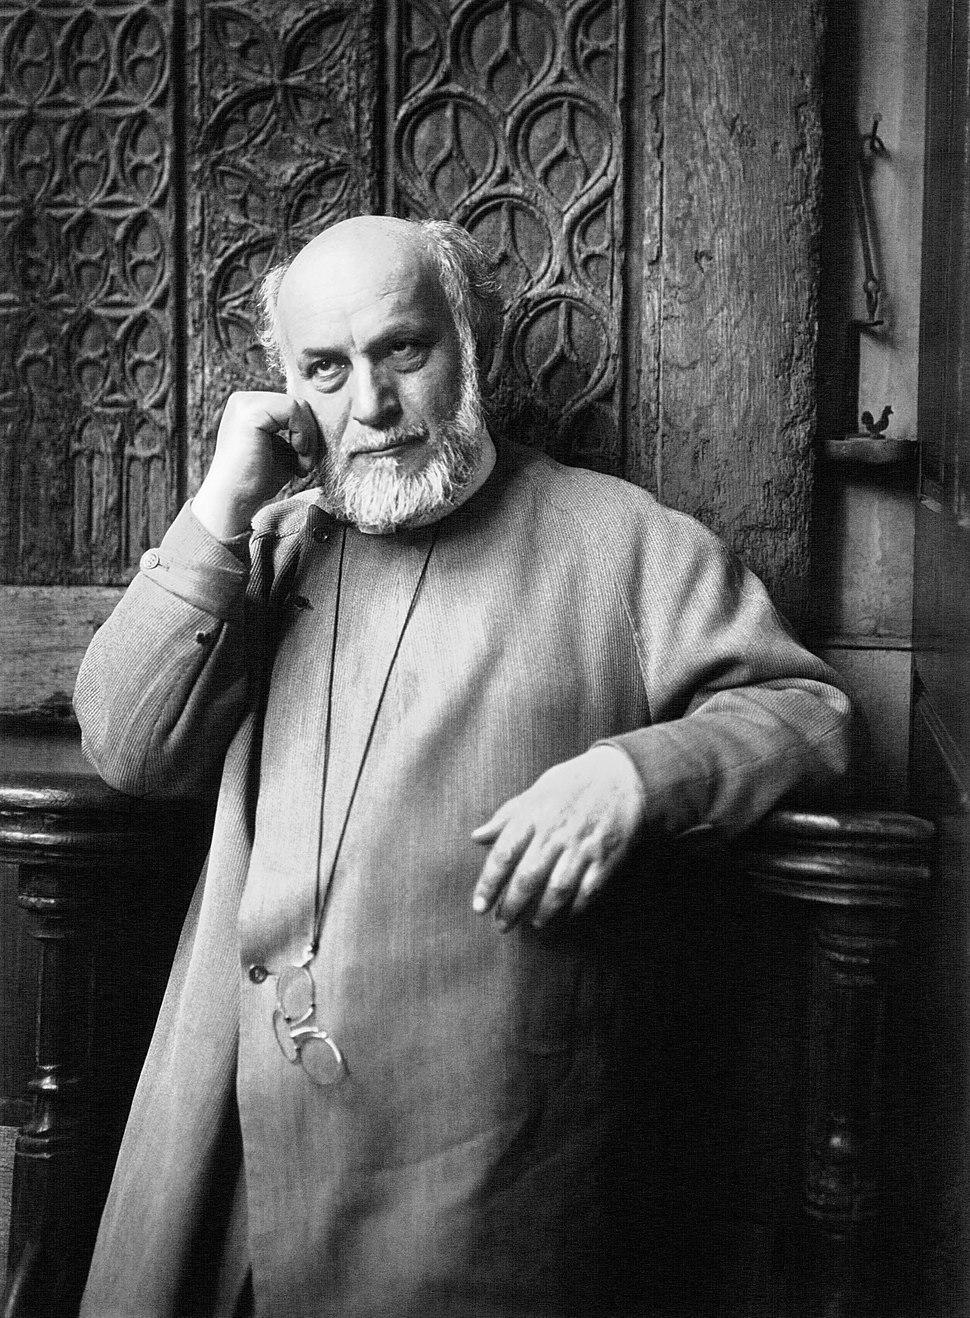 Antoine Bourdelle b Meurisse 1925